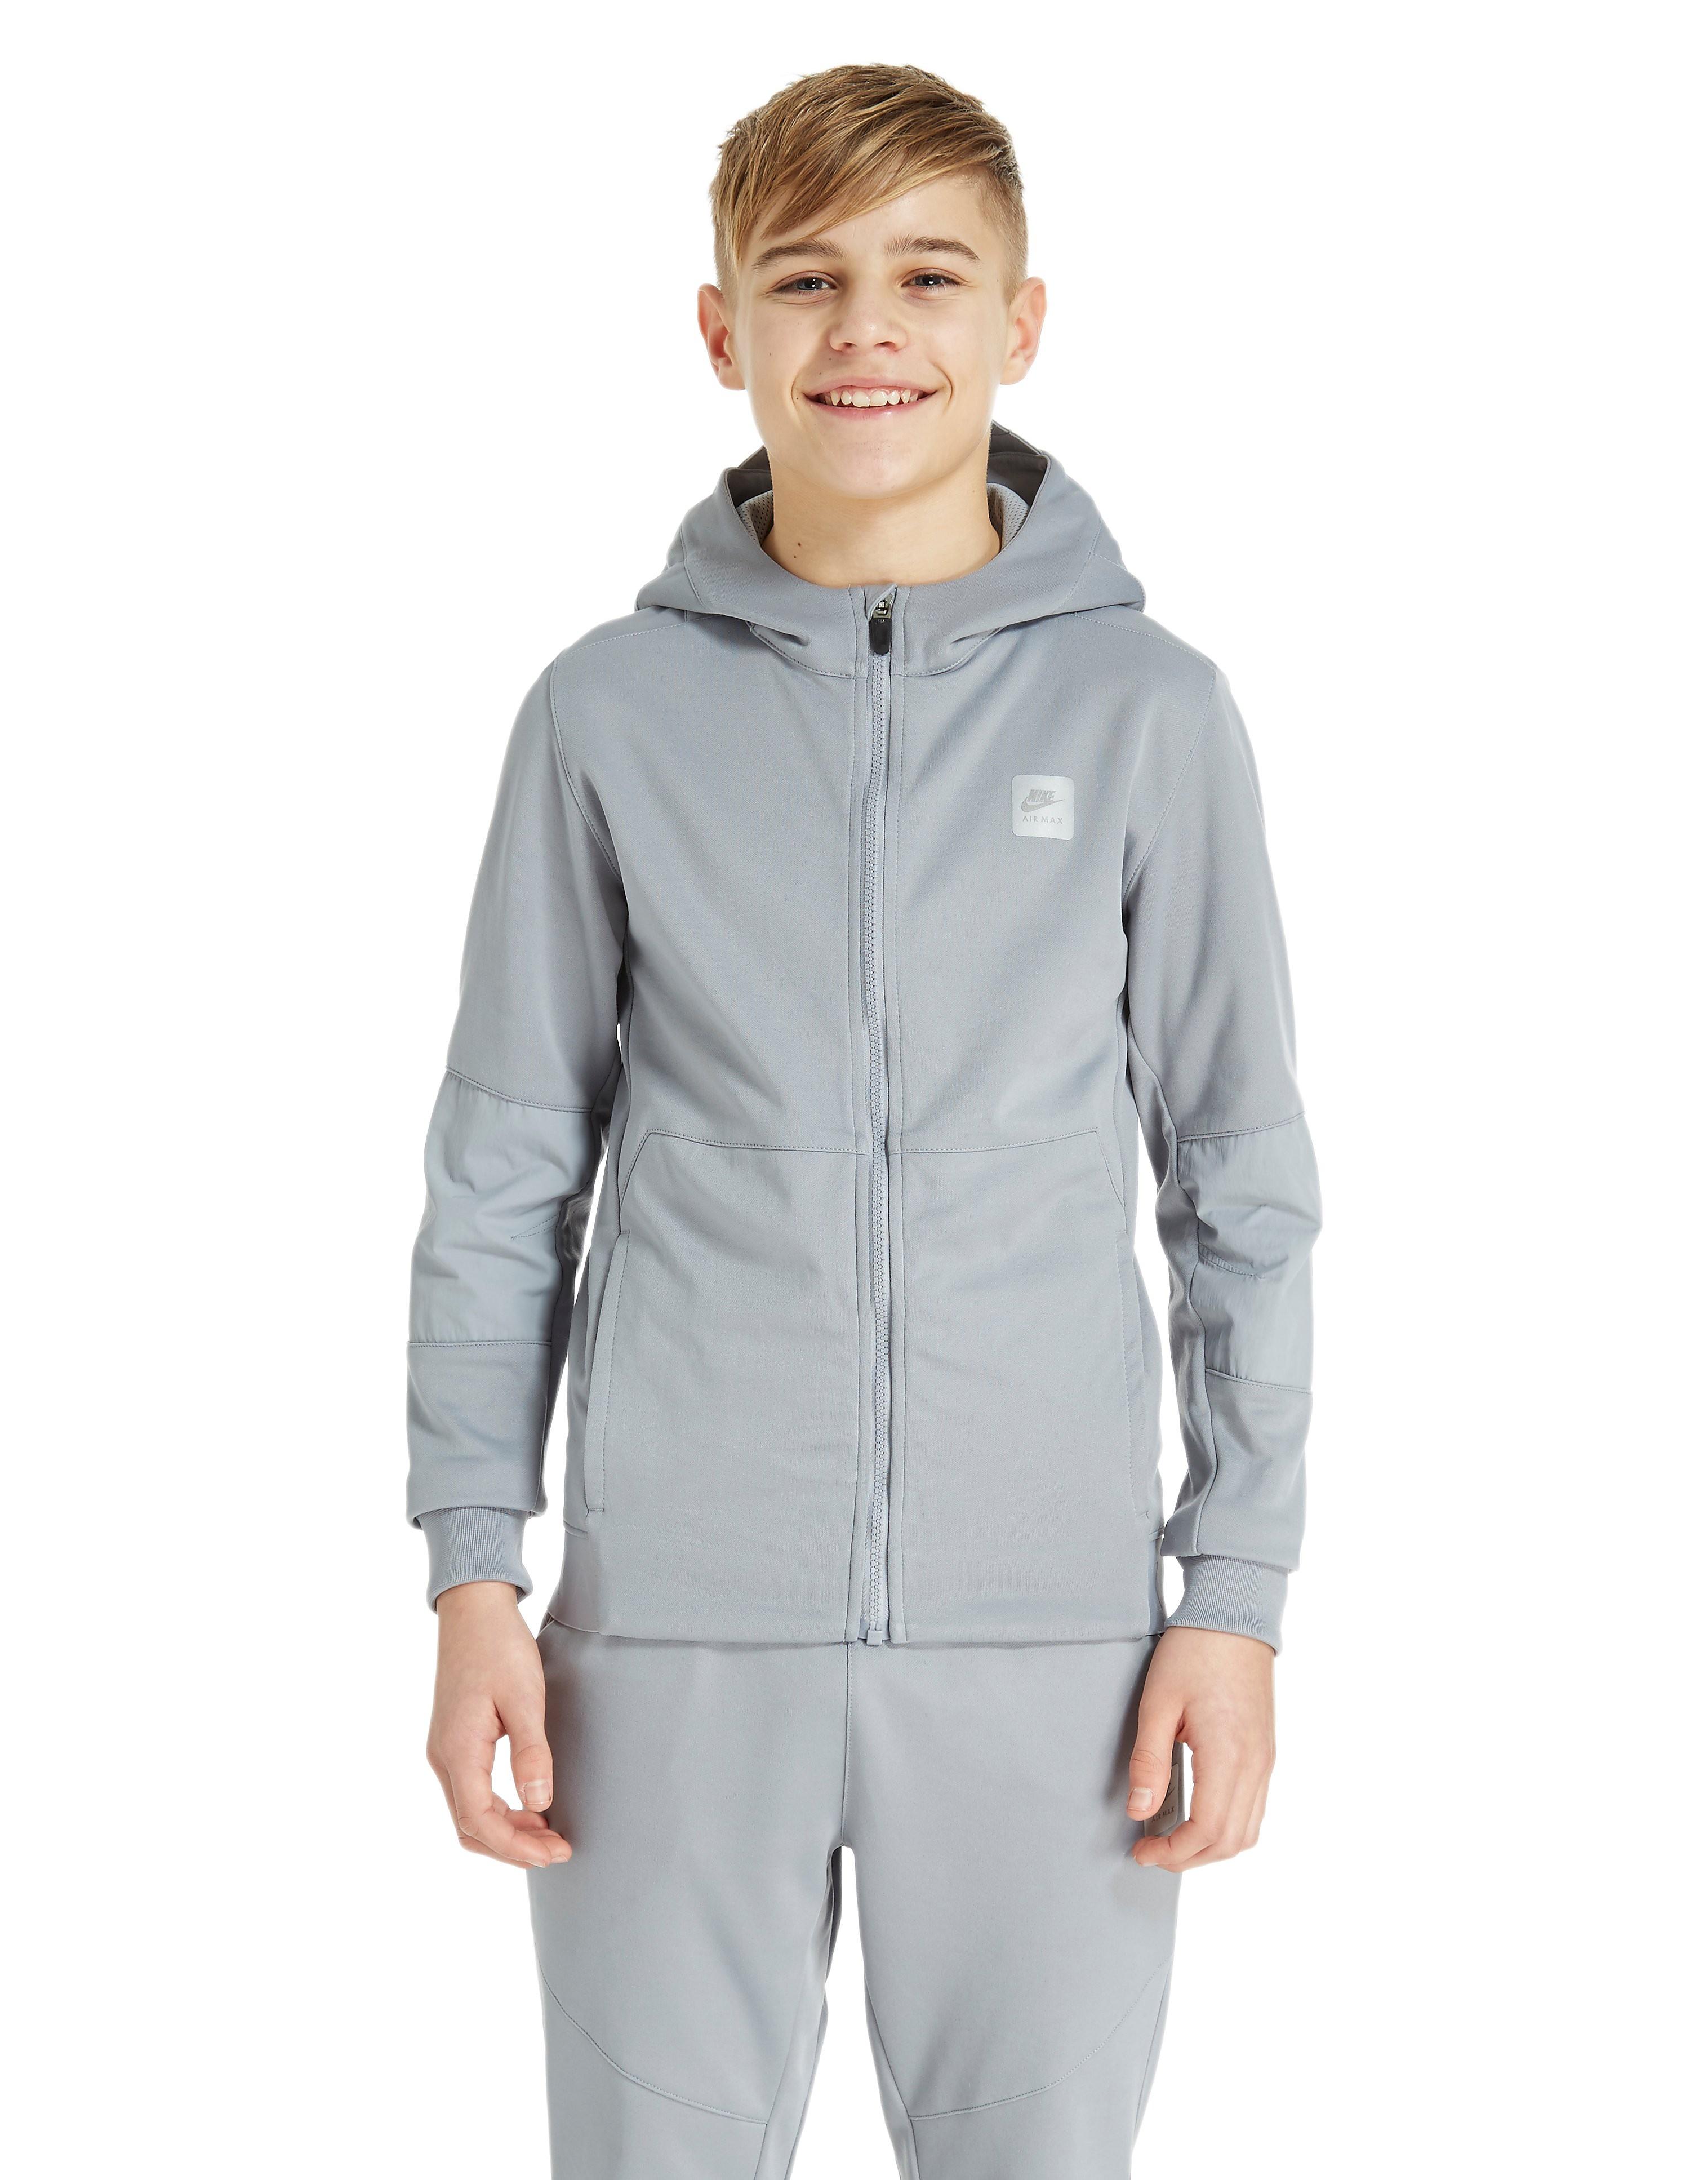 Nike Air Max Mix Munkjacka Junior